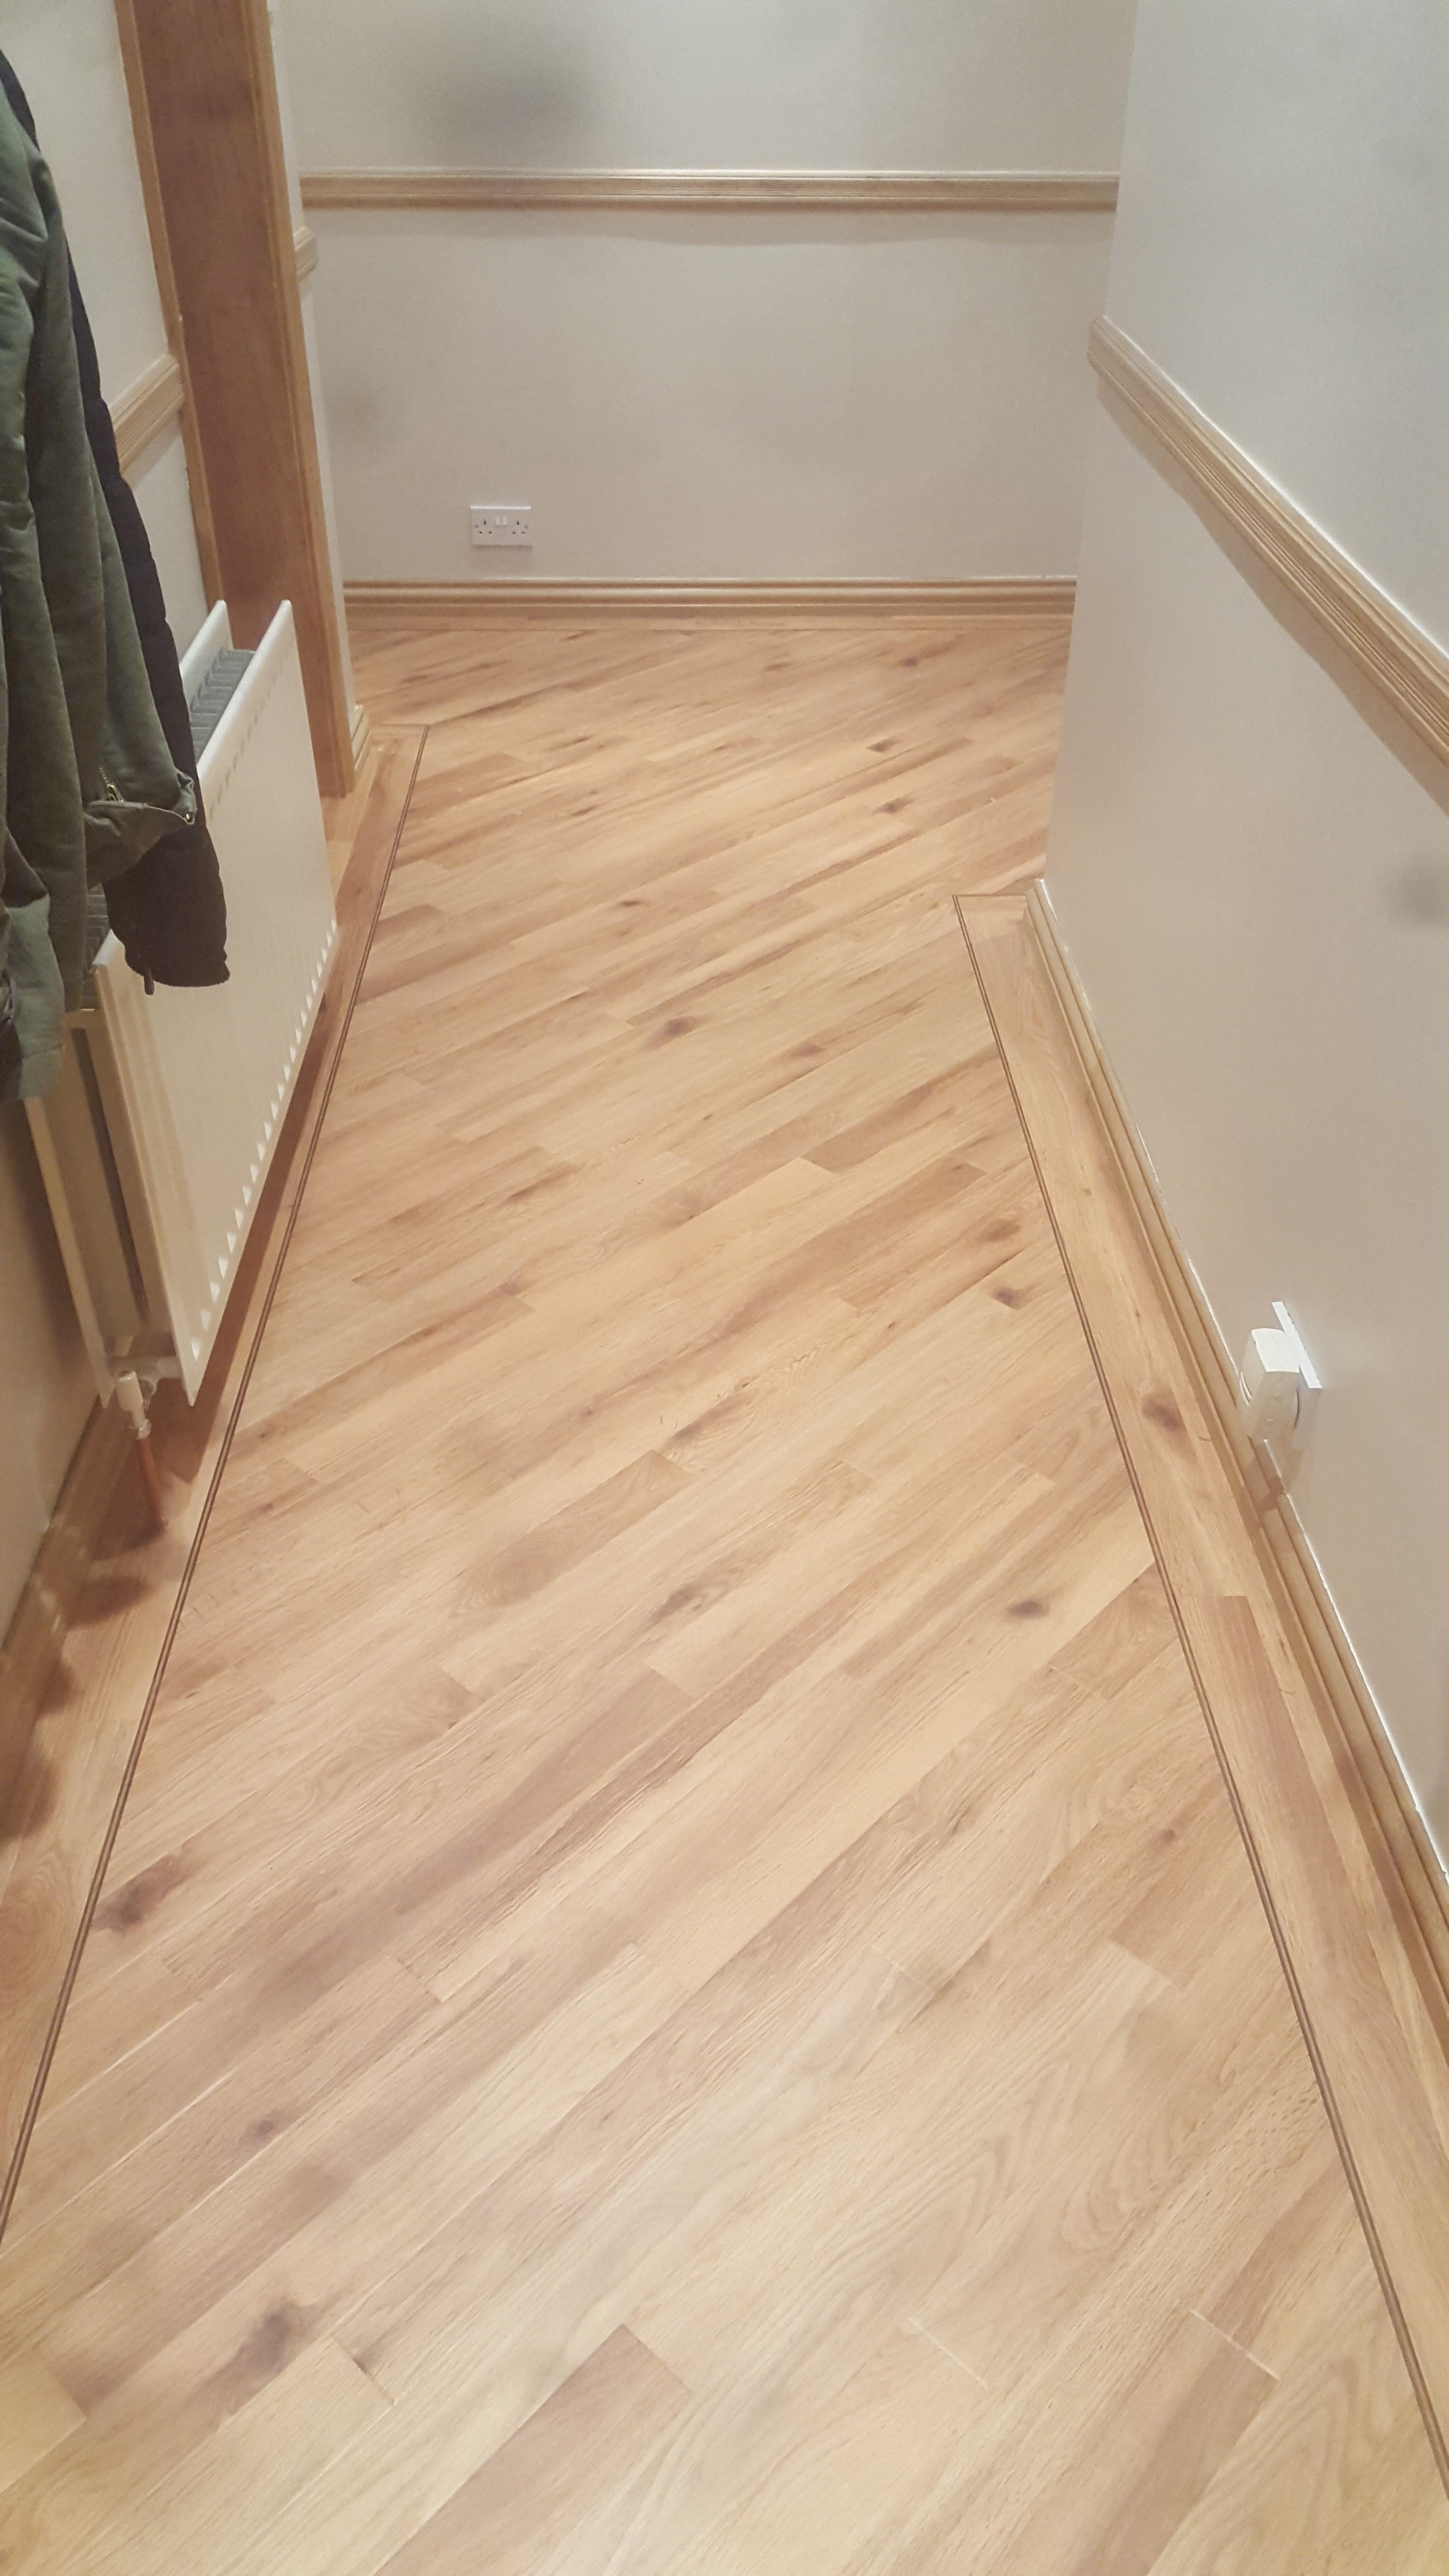 vinyl karndean acacia floor vinci da flooring double a smoked